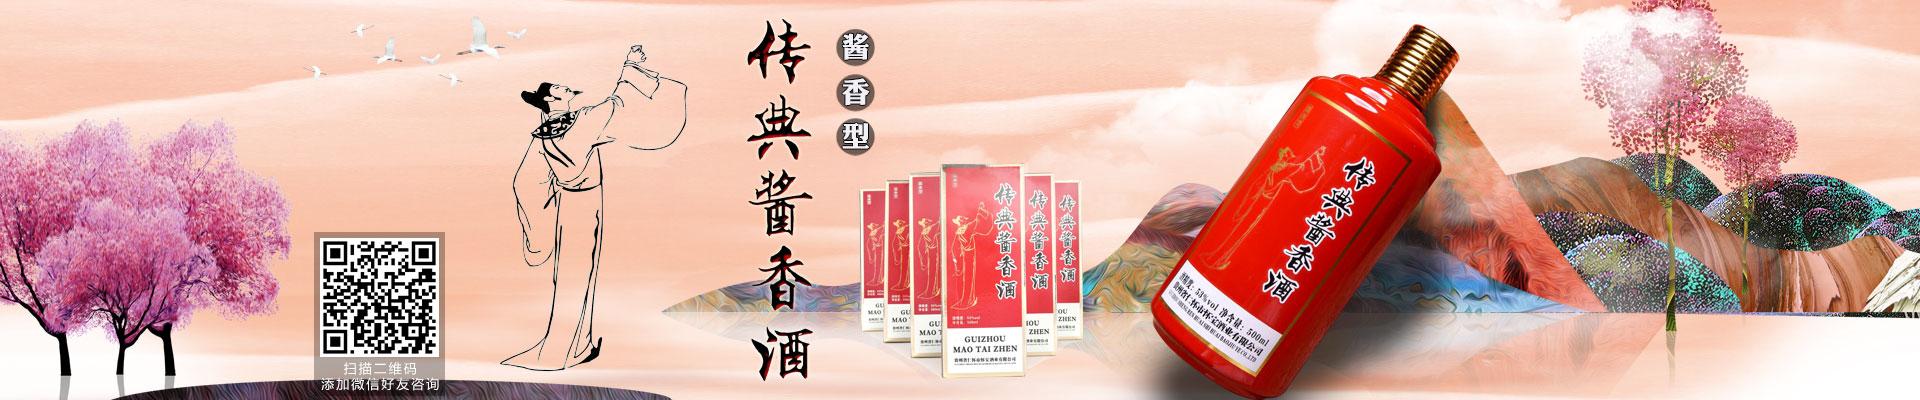 贵州省仁怀市和天缘酒业销售有限公司